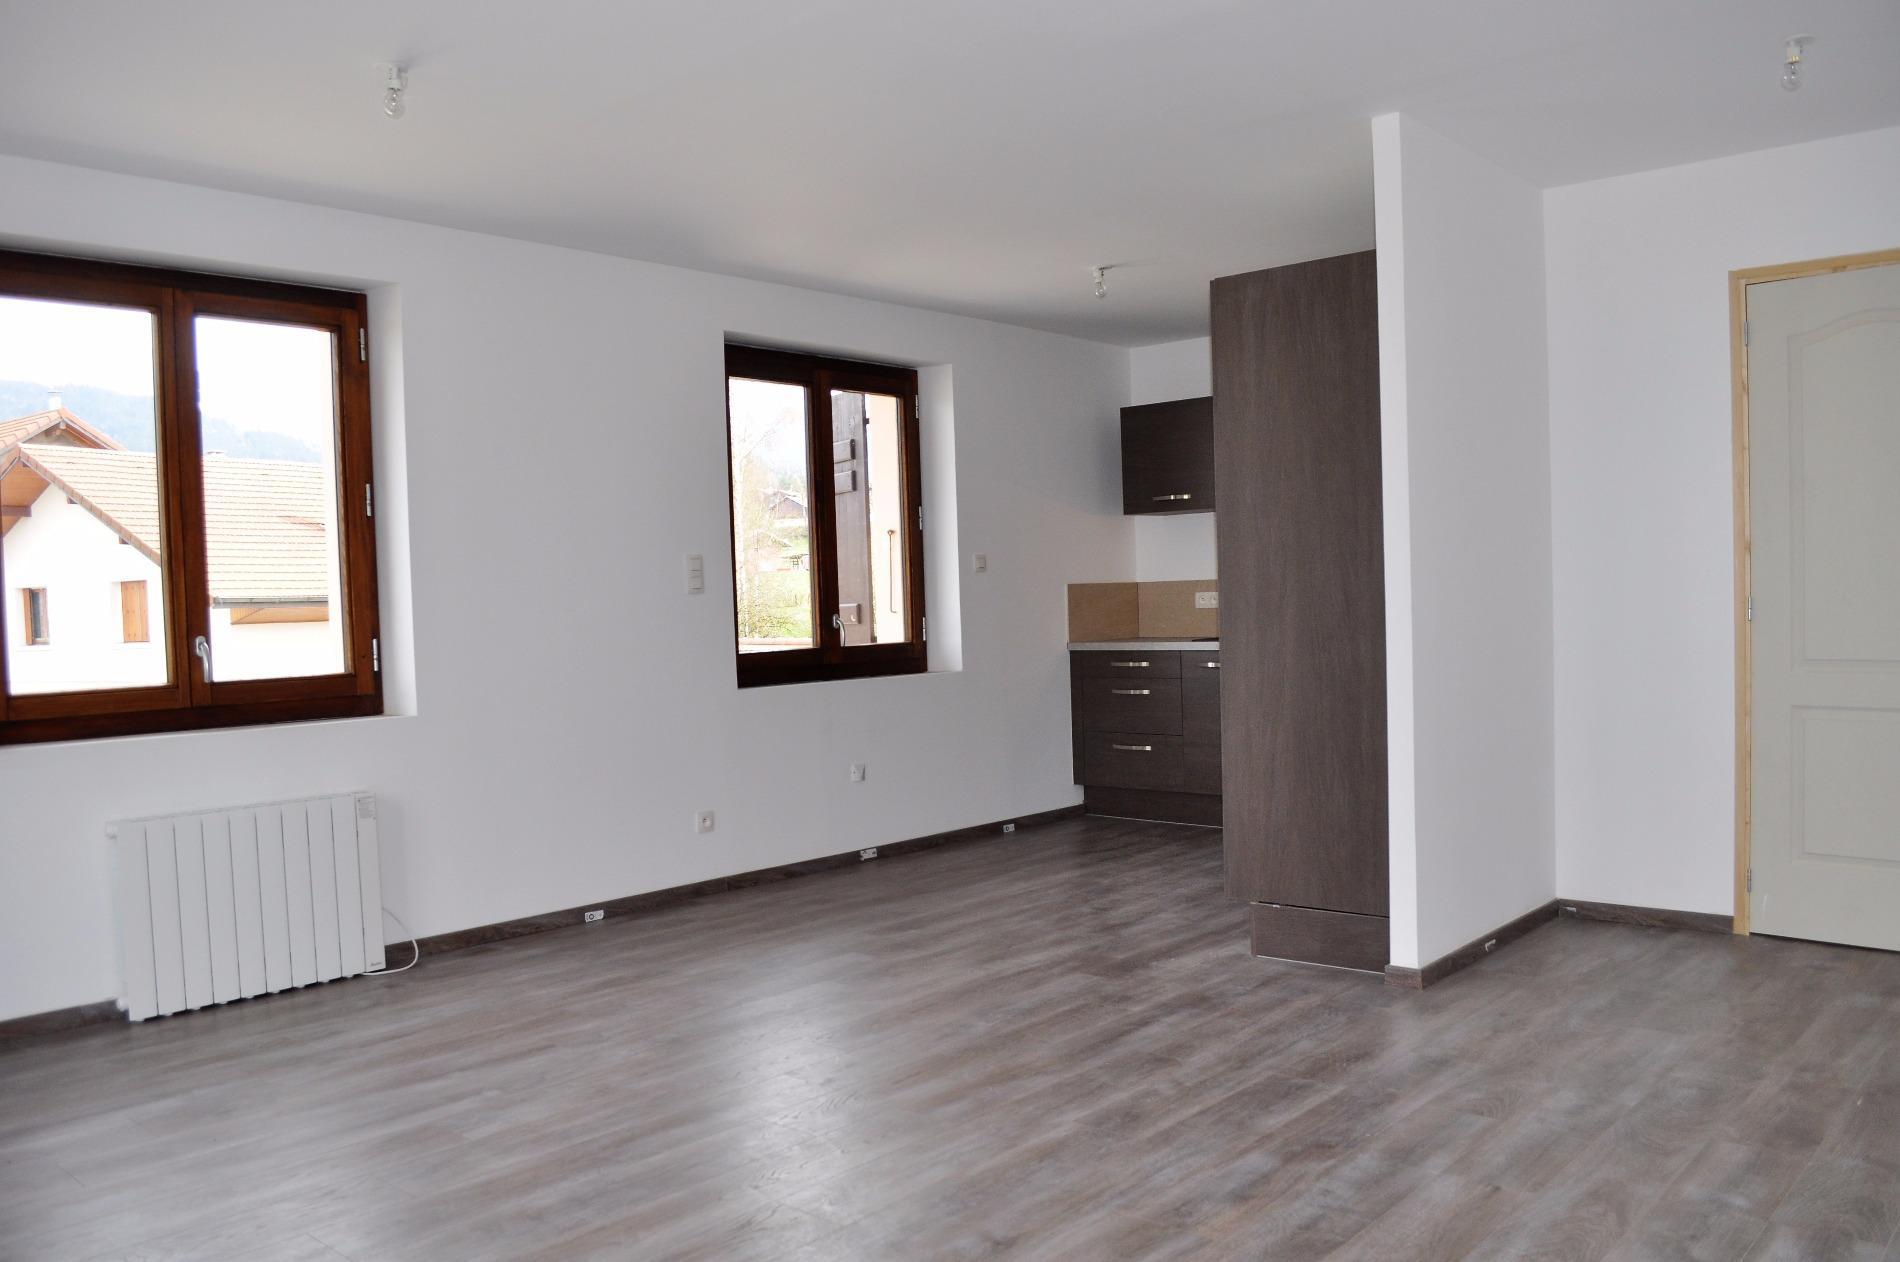 Offres de vente Appartement Saint-Paul-en-Chablais (74500)